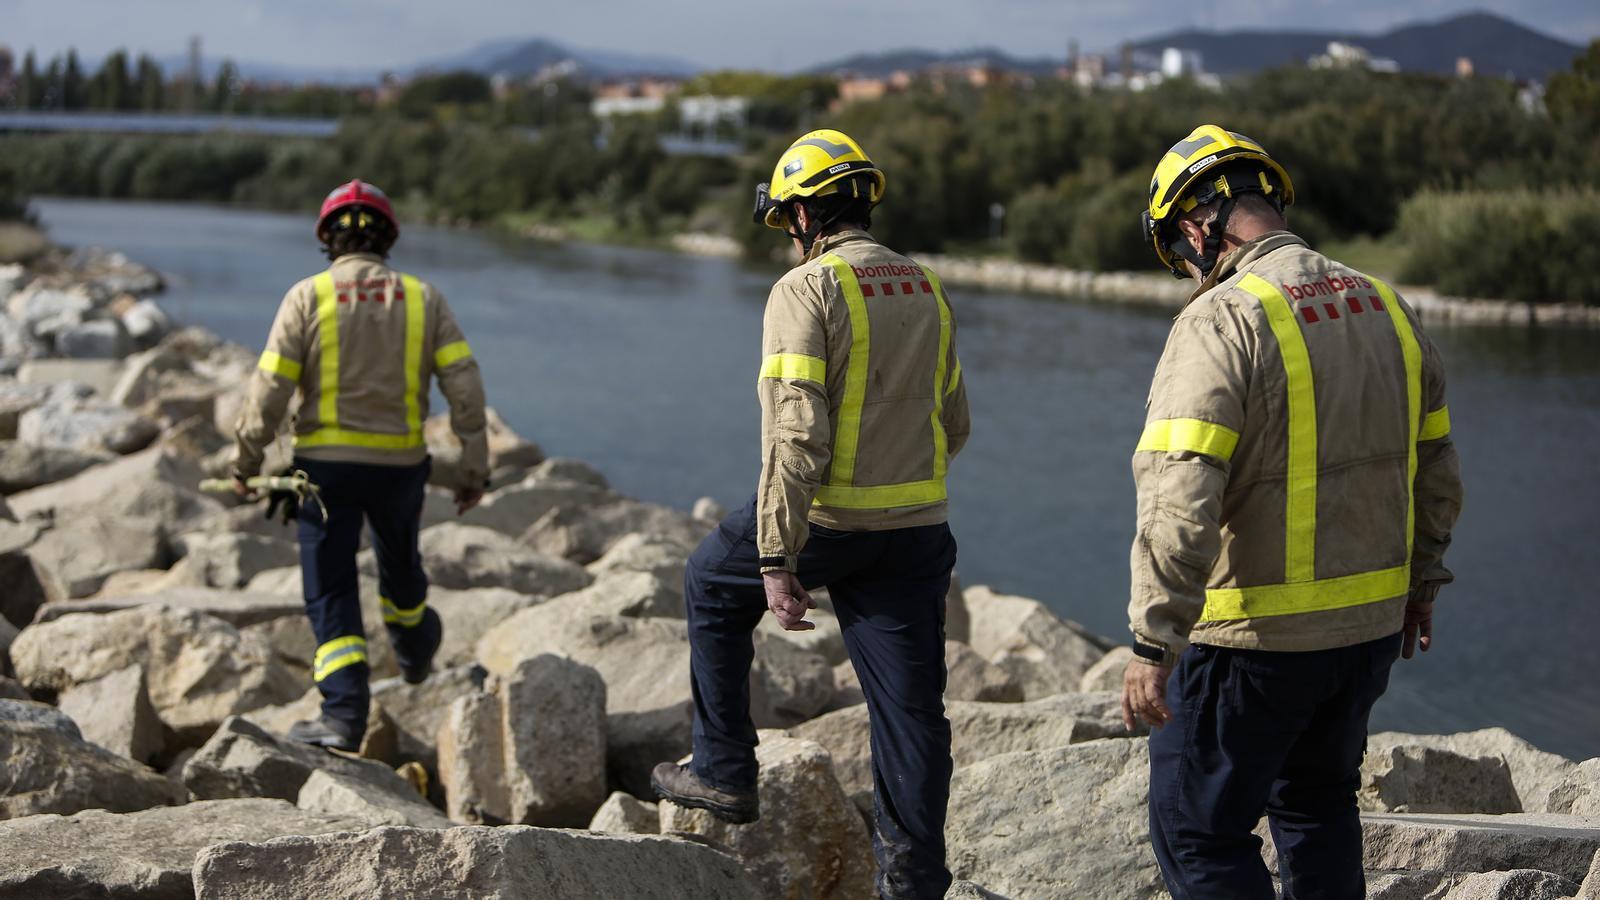 Tres efectius del cos de Bombers de la Generalitat en una imatge d'arxiu